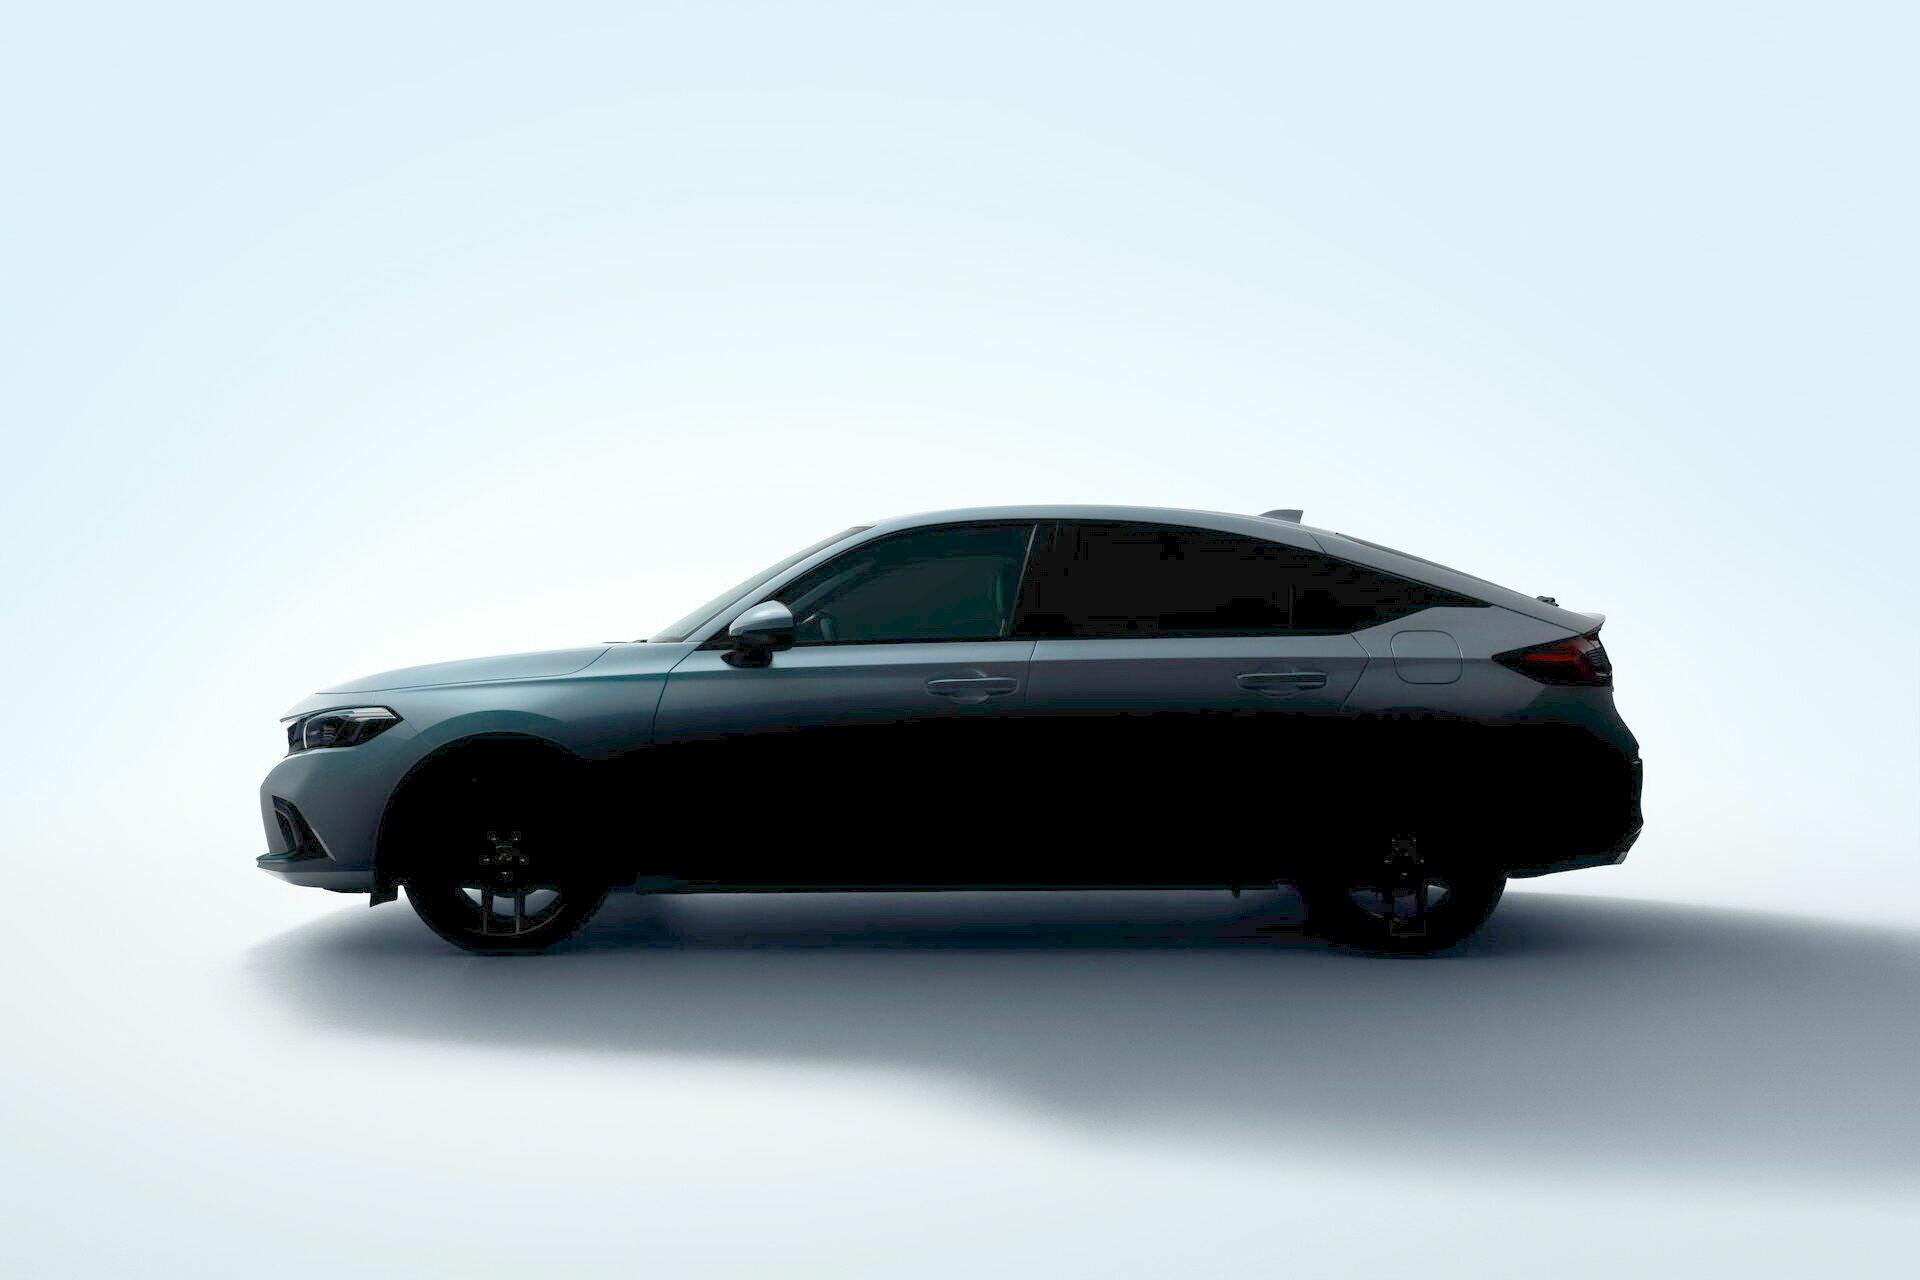 Тизер Honda Civic Hatchback нового поколения